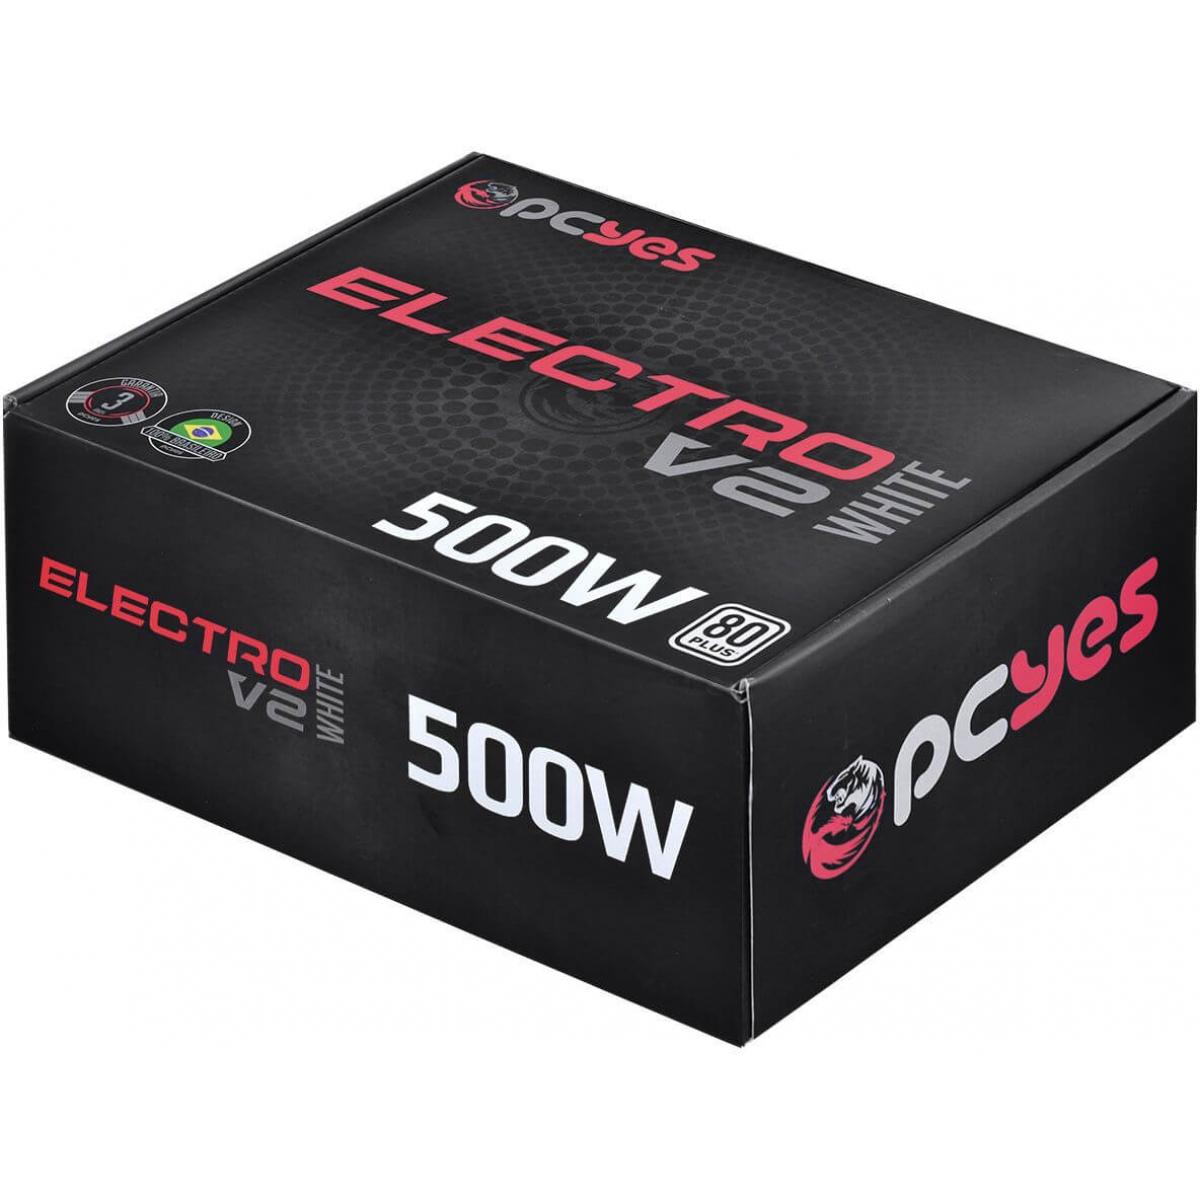 Fonte PCYES Electro V2 500W, 80 Plus White, PFC Ativo, ELV2WHPTO500W